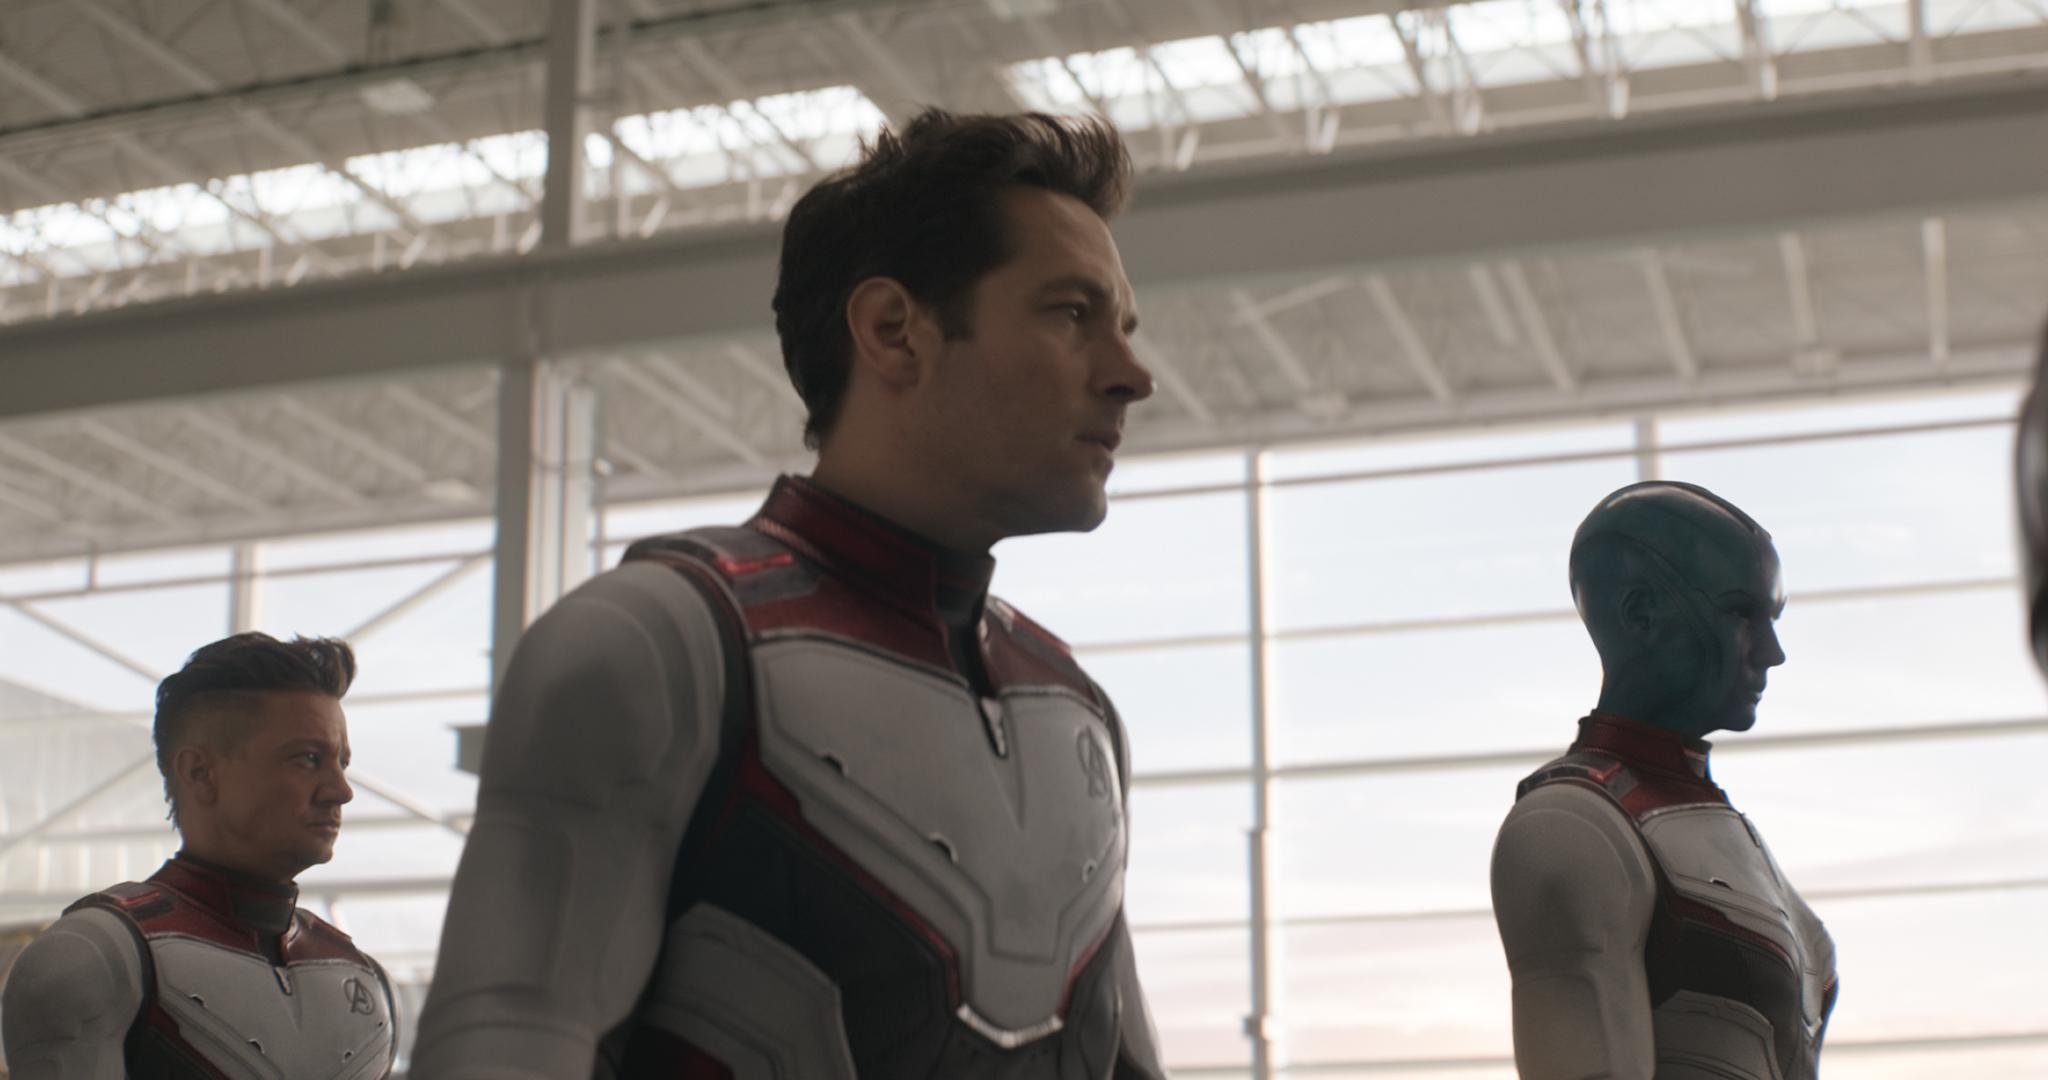 Jeremy Renner, Paul Rudd, and Karen Gillan in Avengers: Endgame (2019)